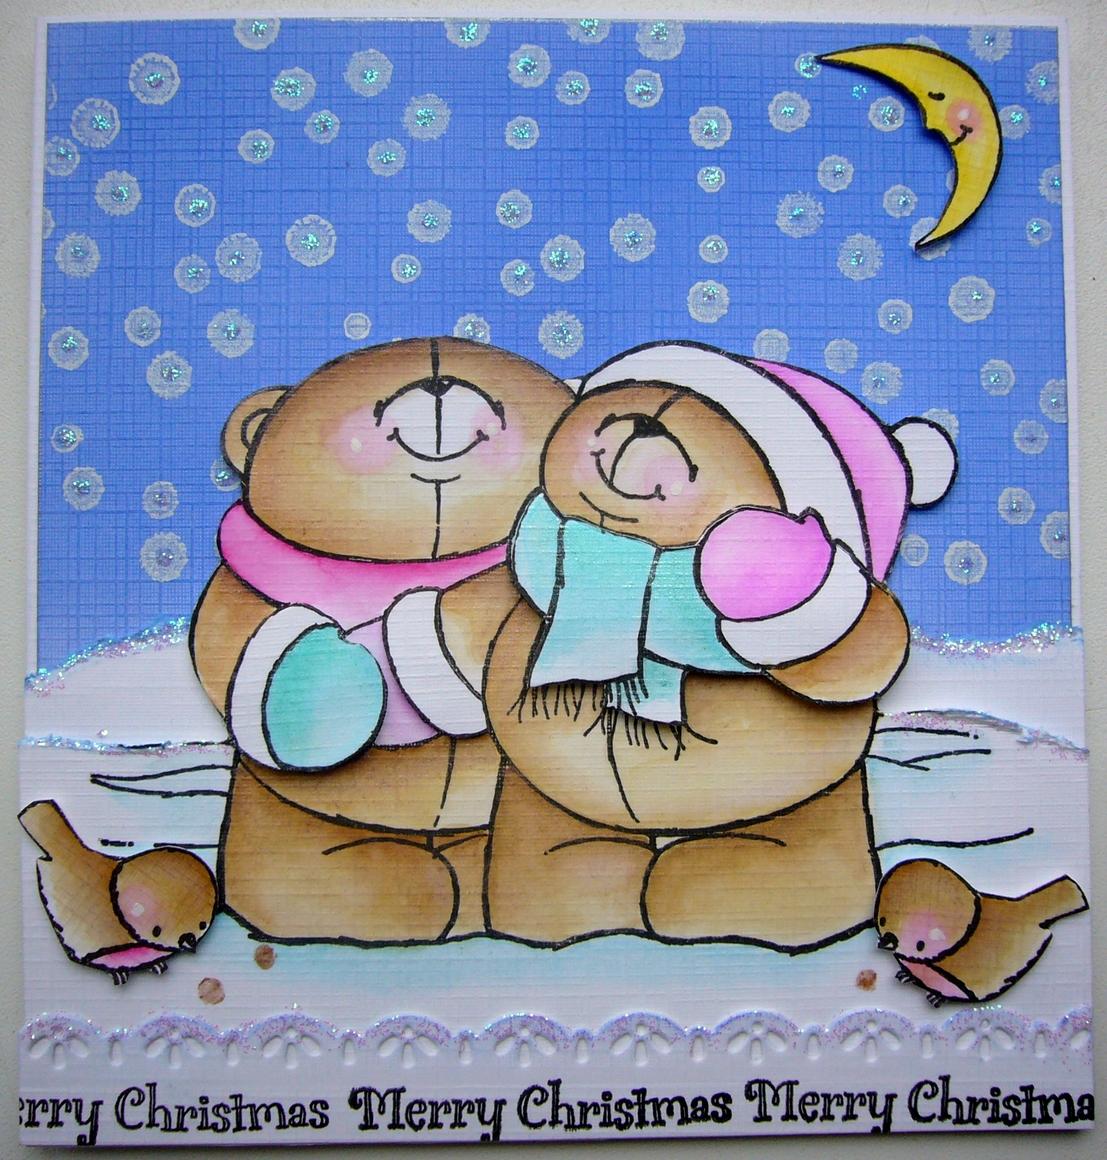 http://3.bp.blogspot.com/_UvPAR-Hg88s/TN_JctVDrNI/AAAAAAAABt8/imoWGrnKxA8/s1600/Forever+Friends.jpg